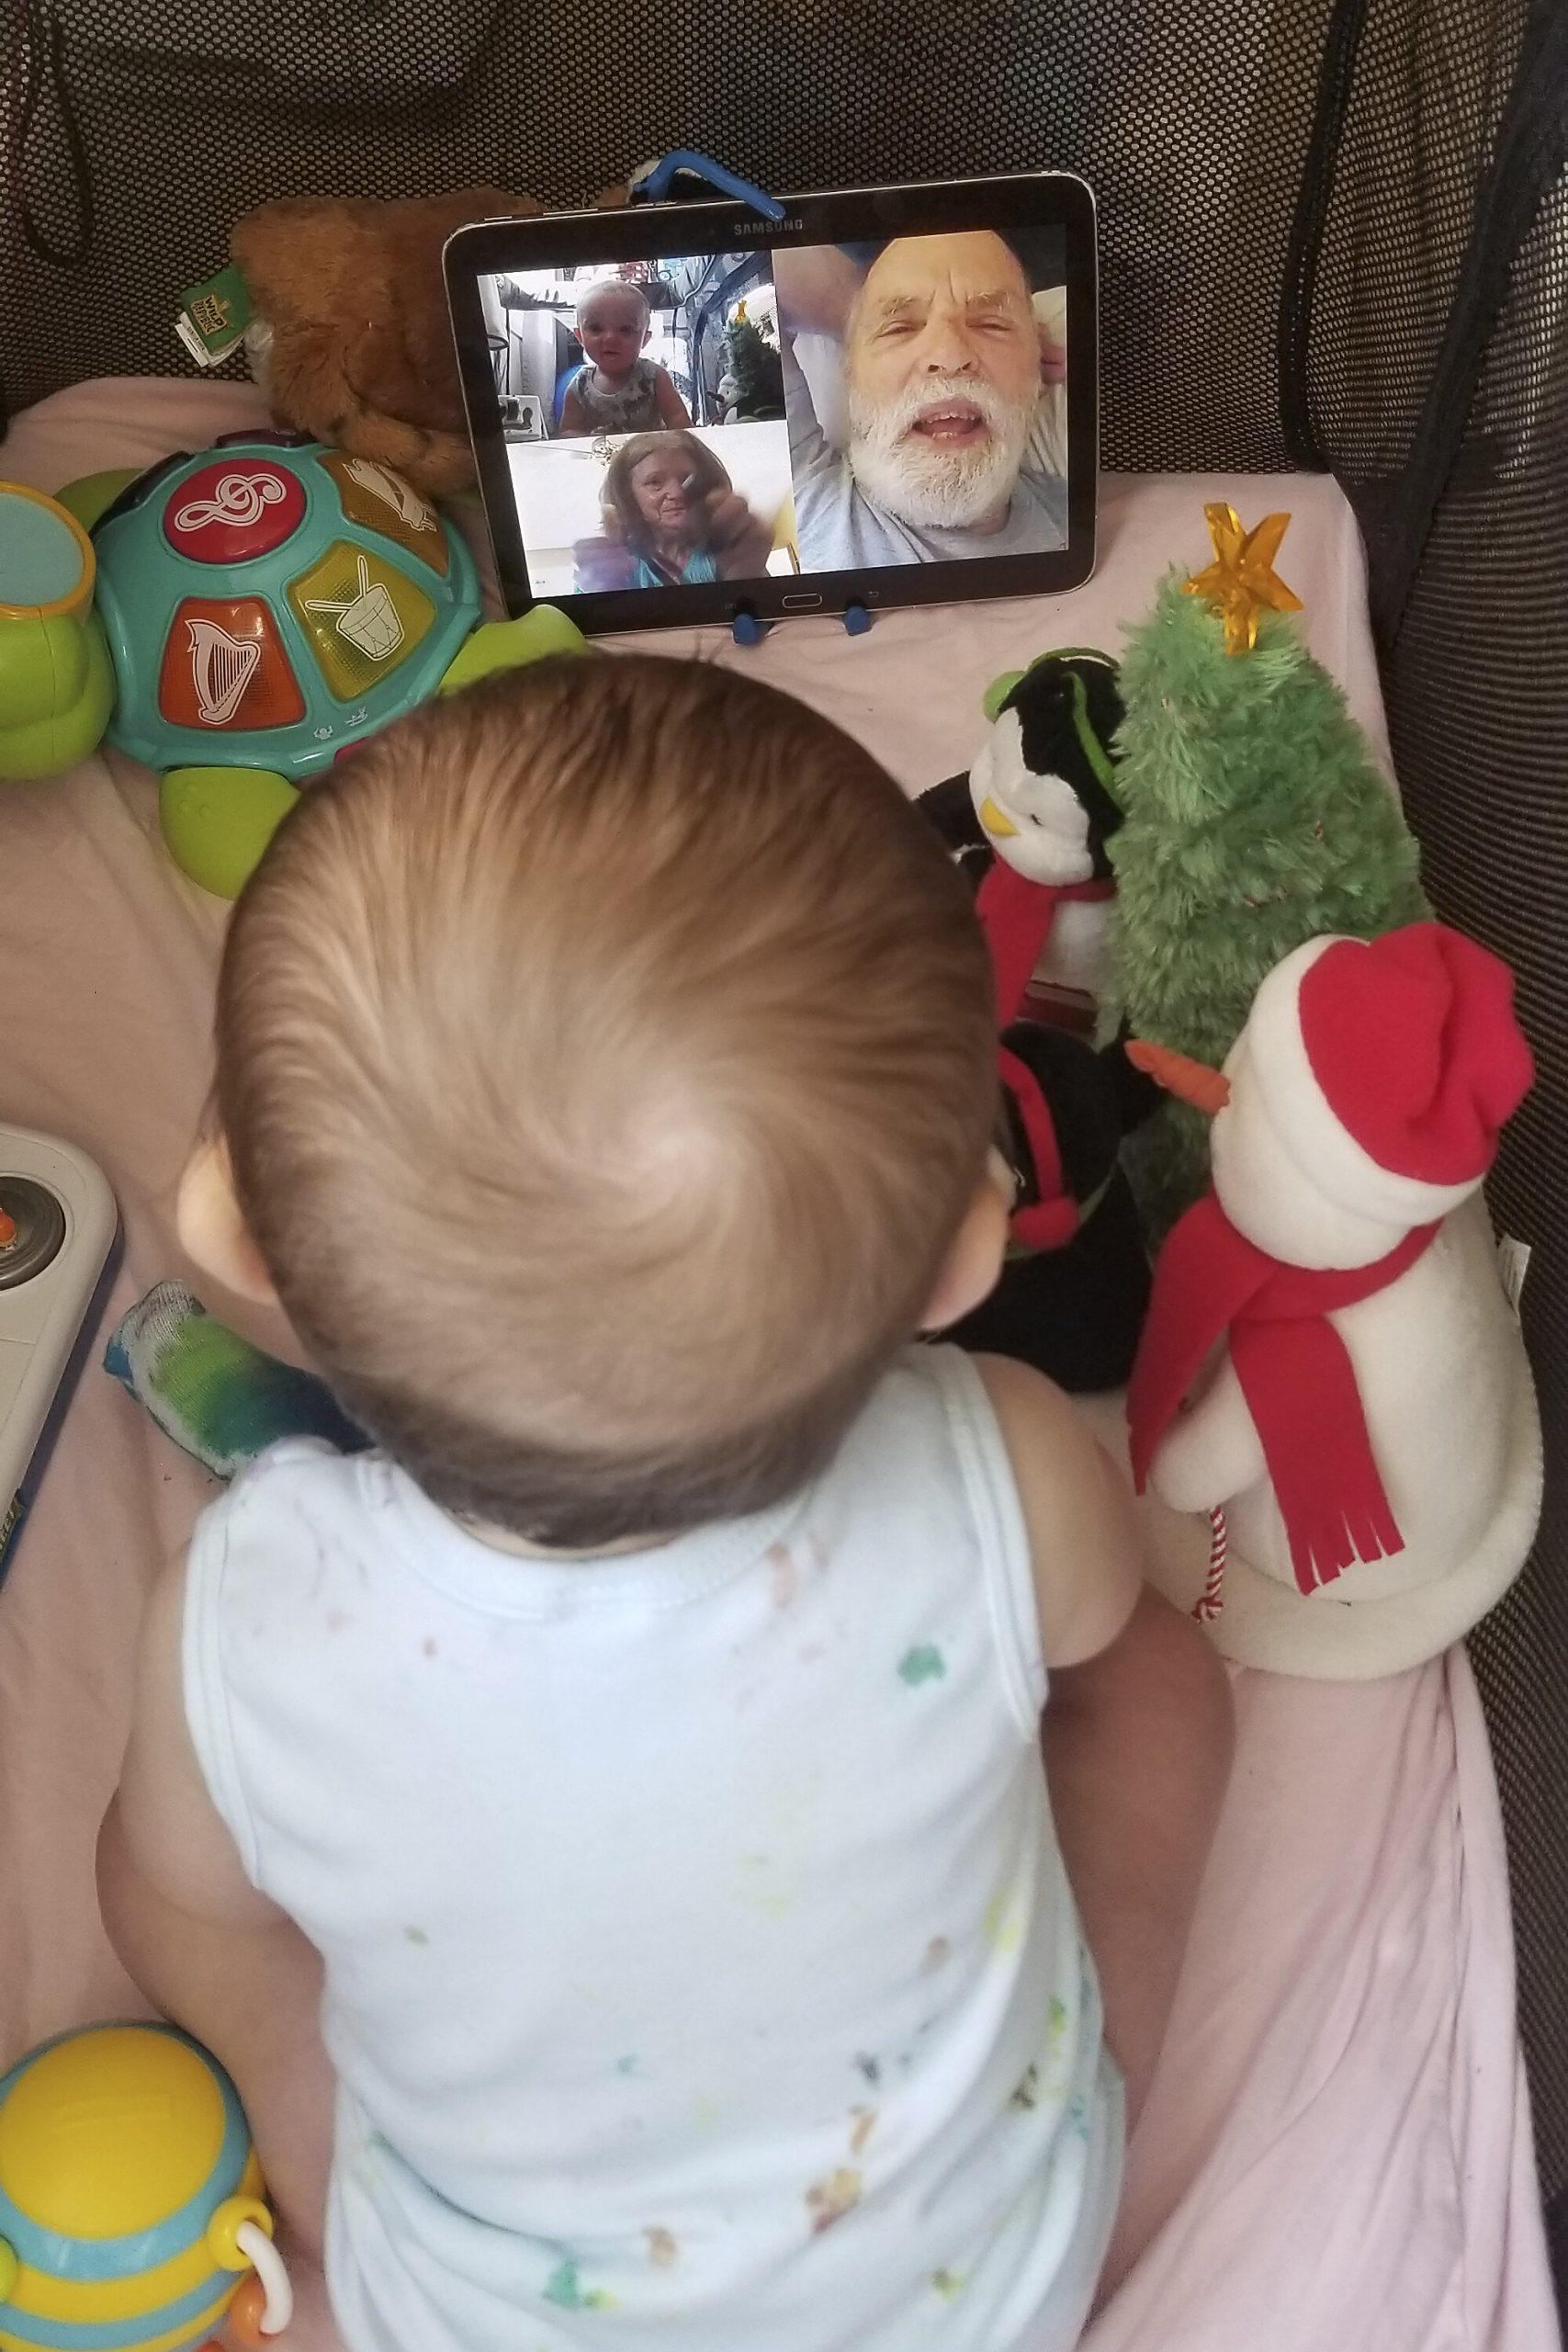 Grandparenting goes digital als virus hält ältere Erwachsene zu Hause